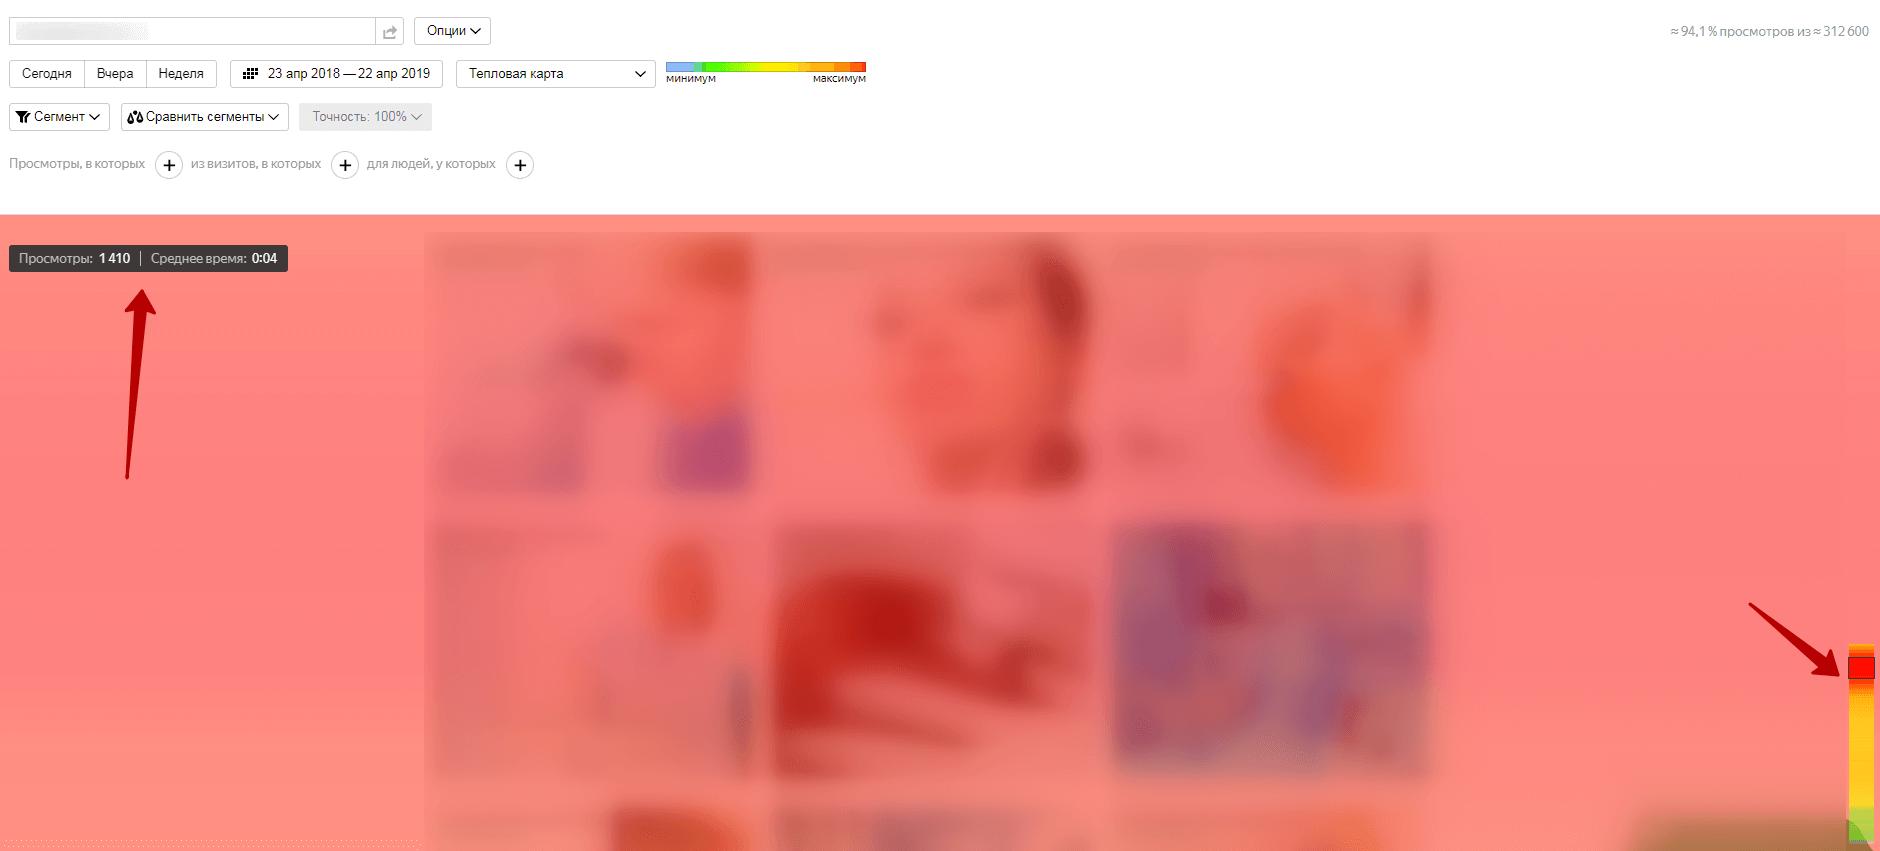 Пример карты скроллинга в Яндекс.Метрике